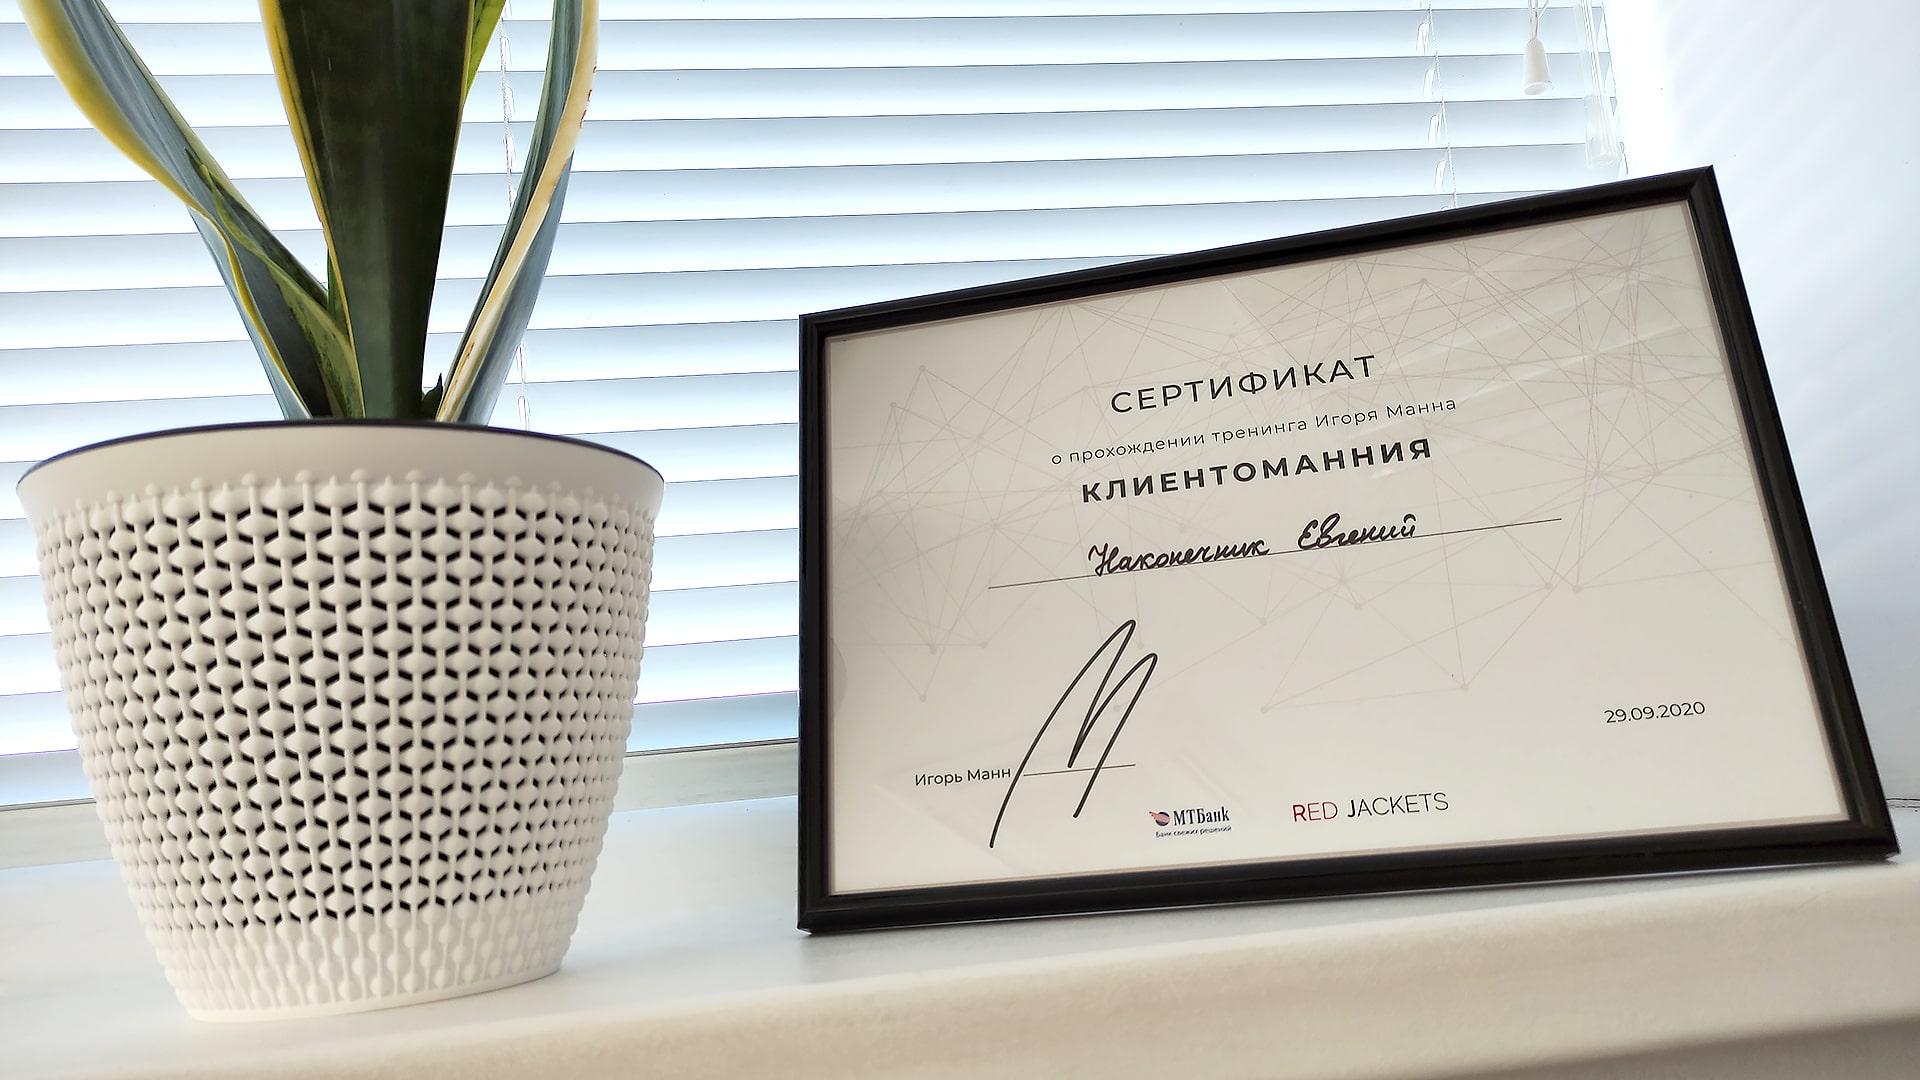 Сертификат бизнес-тренинга Игоря Манна